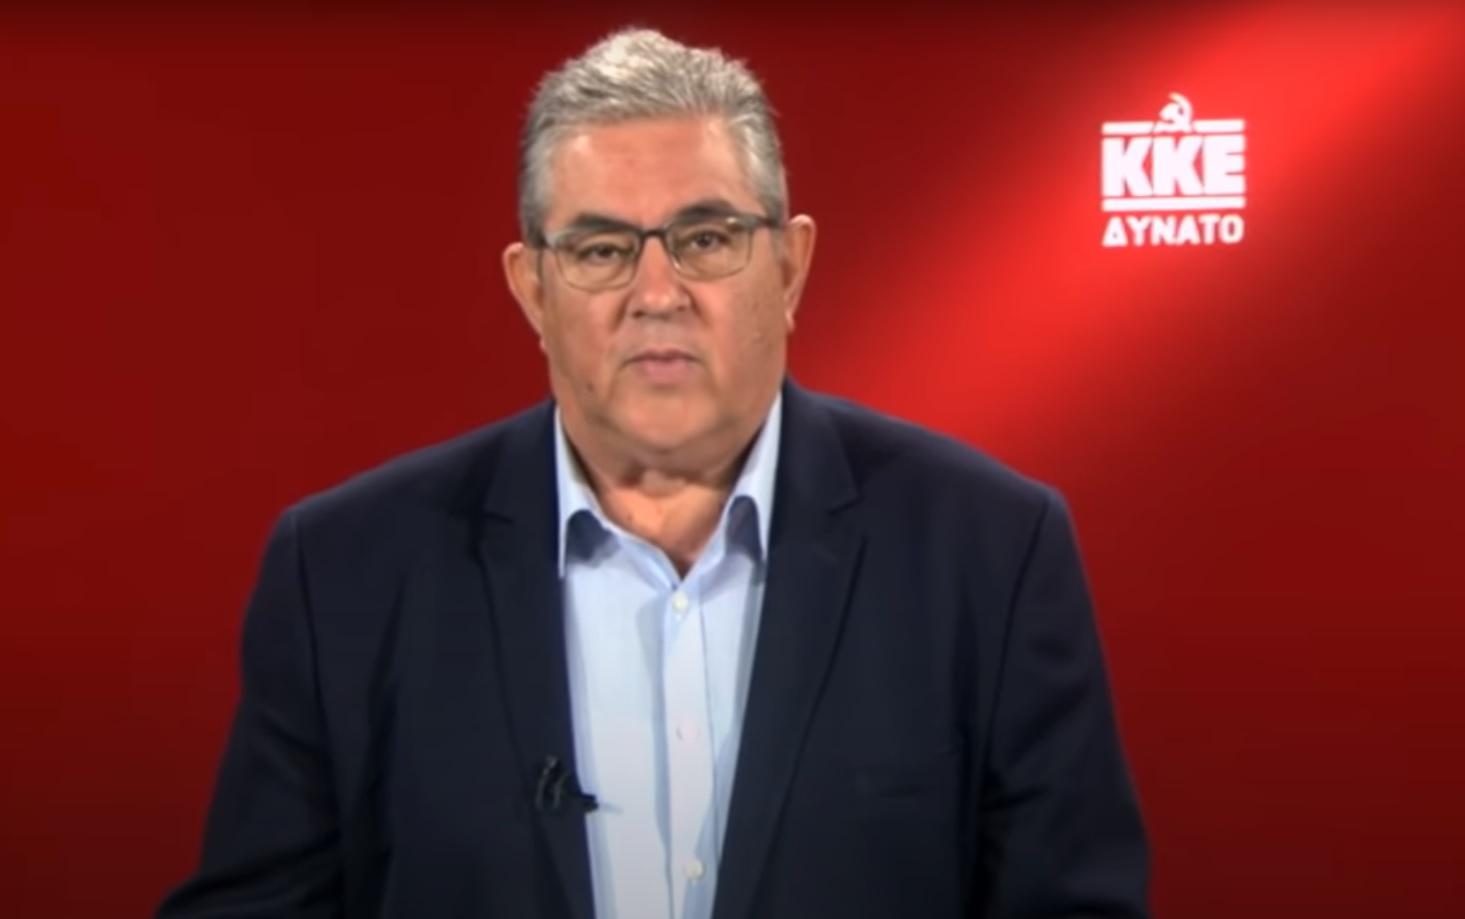 Ο Κουτσούμπας μιλάει τουρκικά καλύτερα κι απ' τον Ερντογάν! (video)